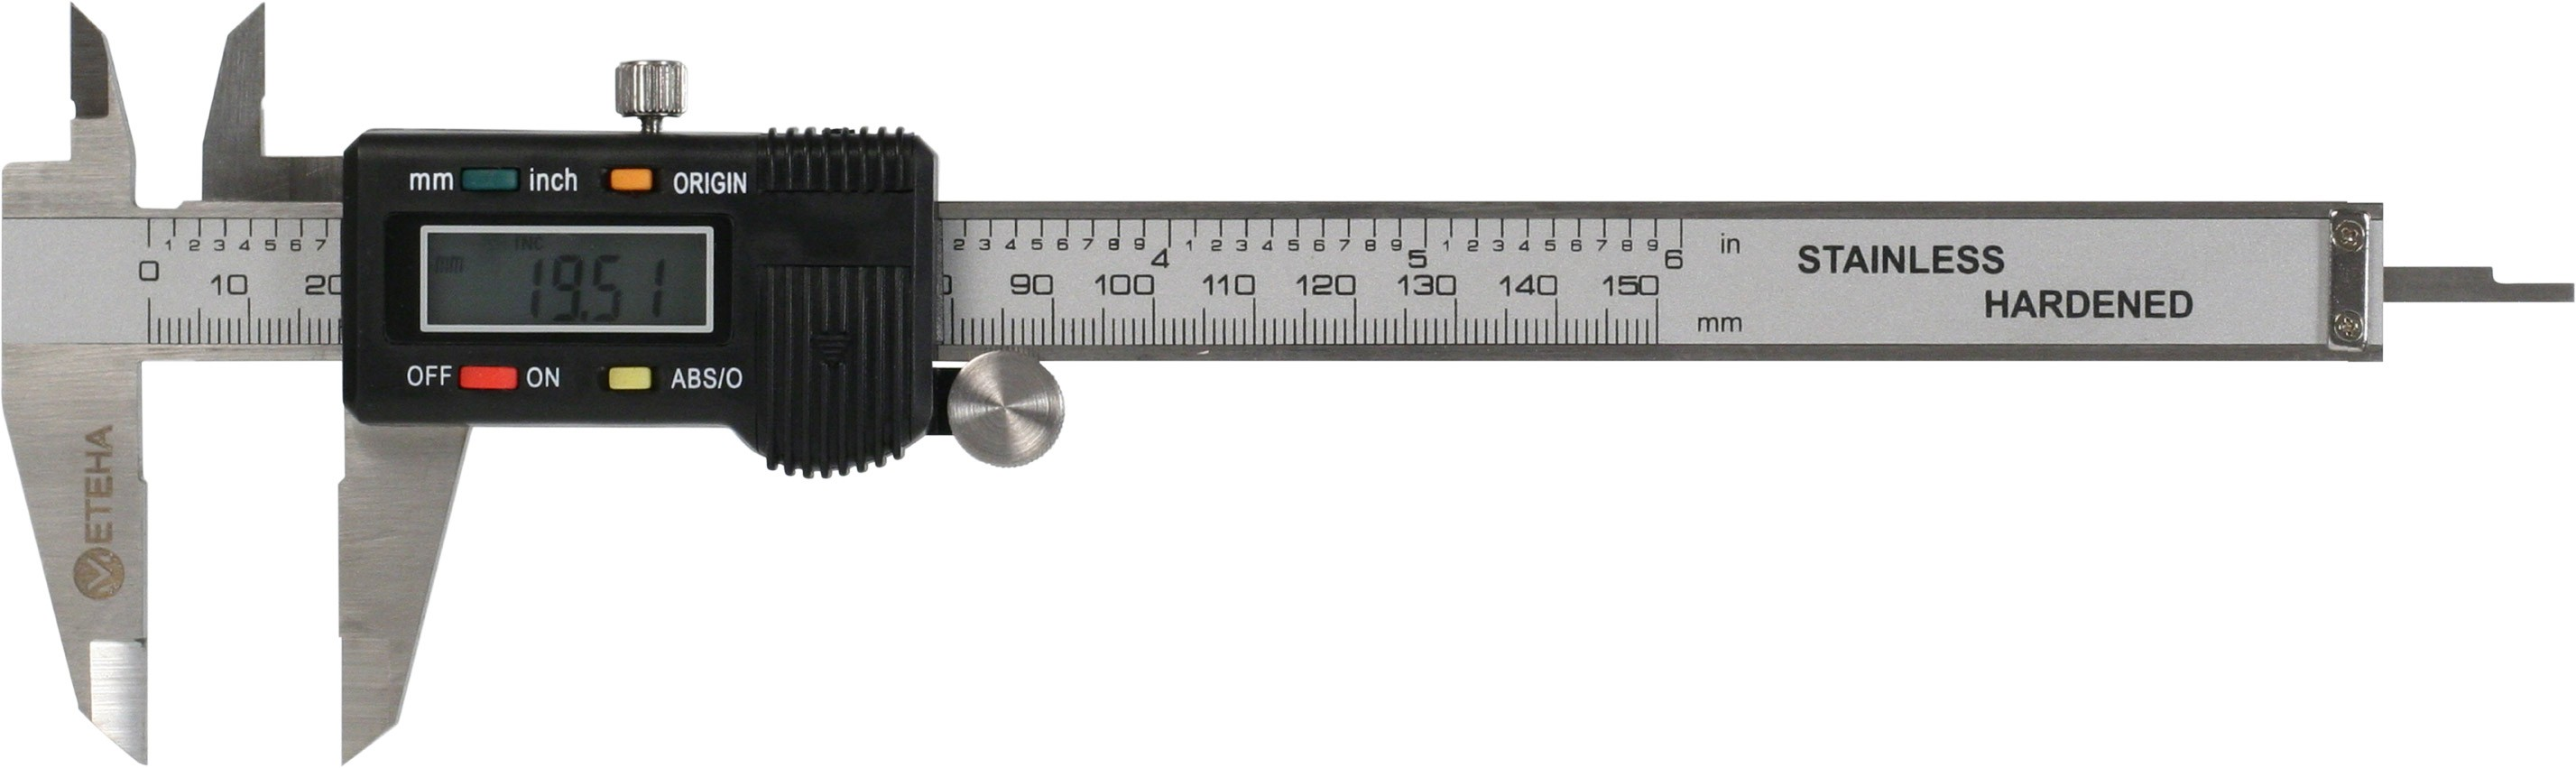 METEHA digitale Schieblehre ABS/Origin 150mm